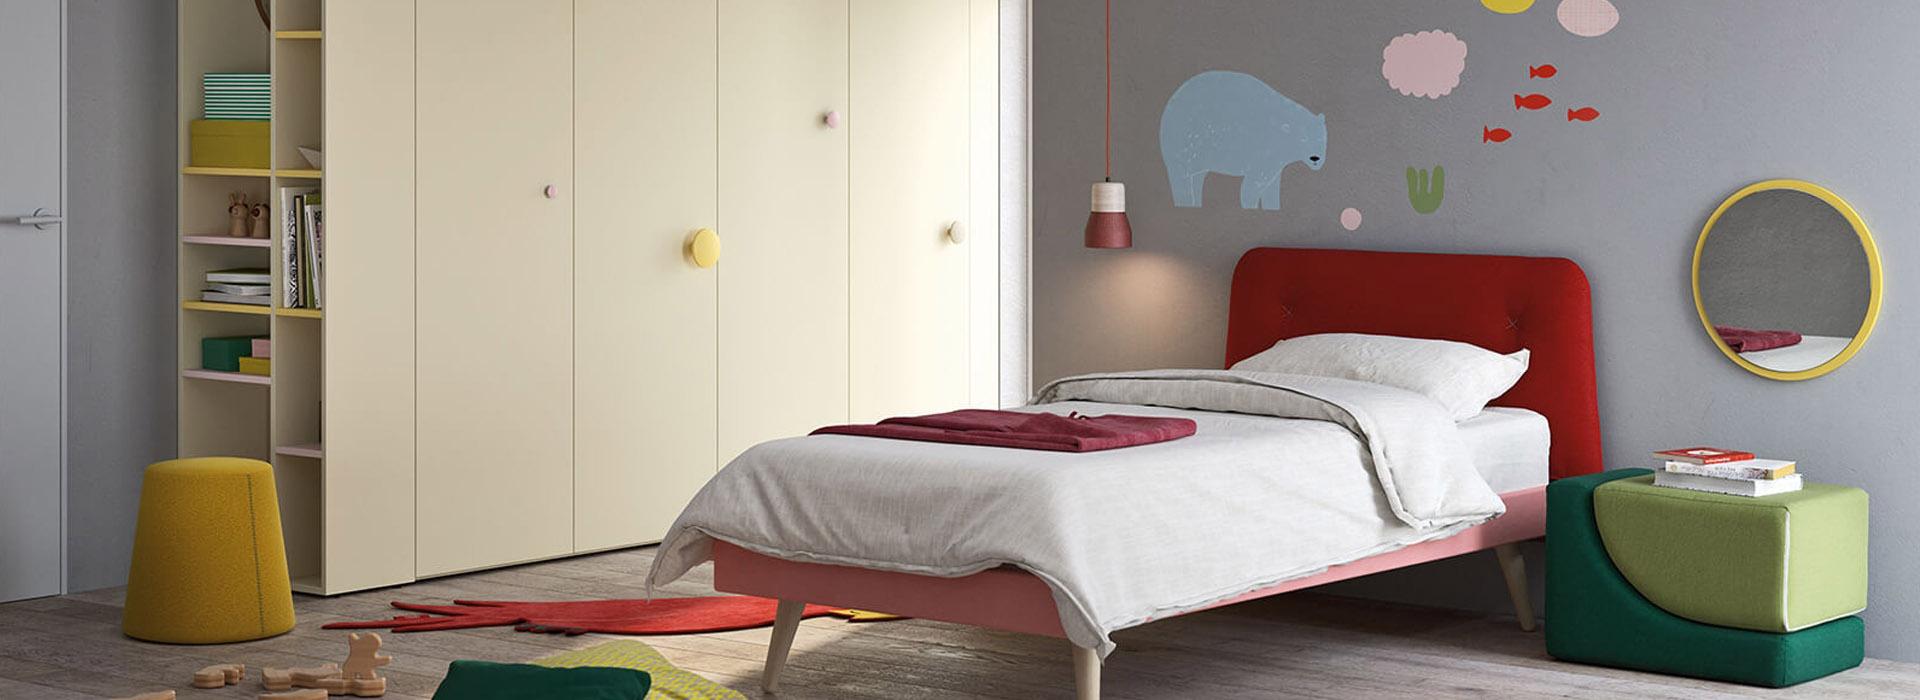 Cameretta con letto singolo cleo camerette nidi for Ginocchi arredamenti